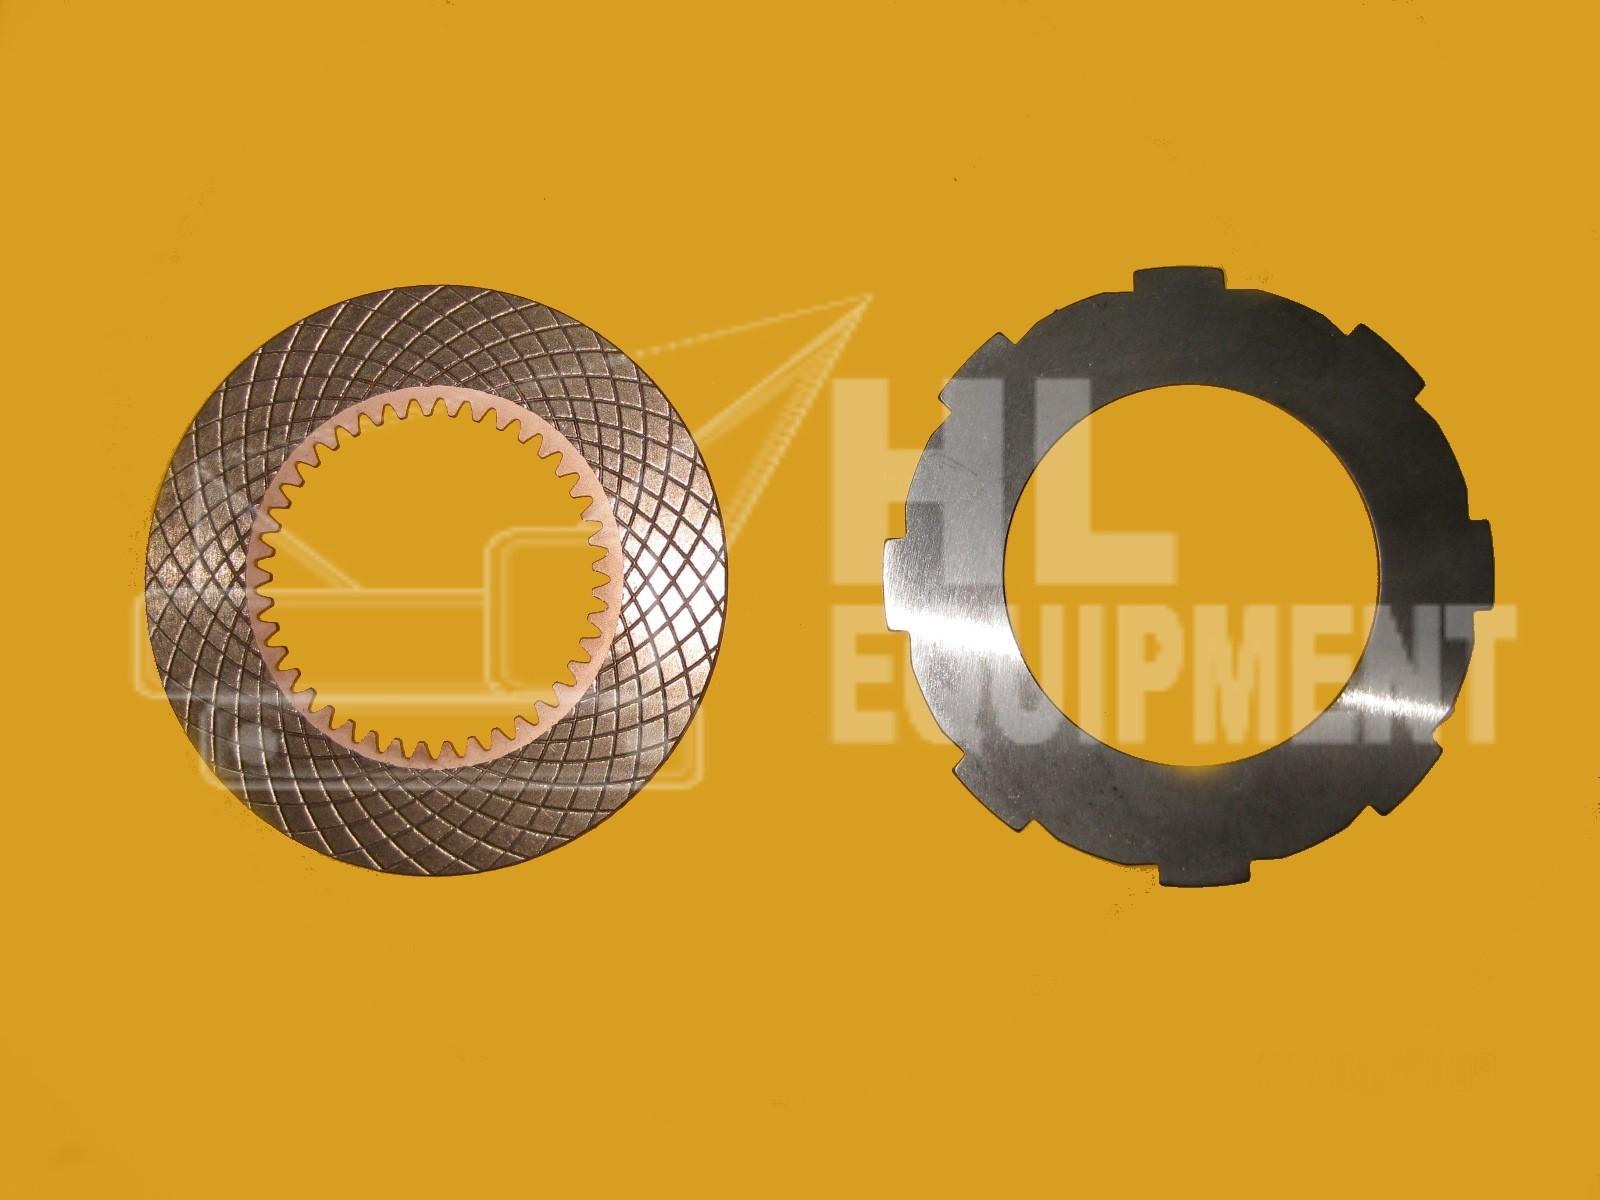 http://crane-spares.com/wp-content/uploads/2012/09/KR45H-5-PTO-Plates.jpg